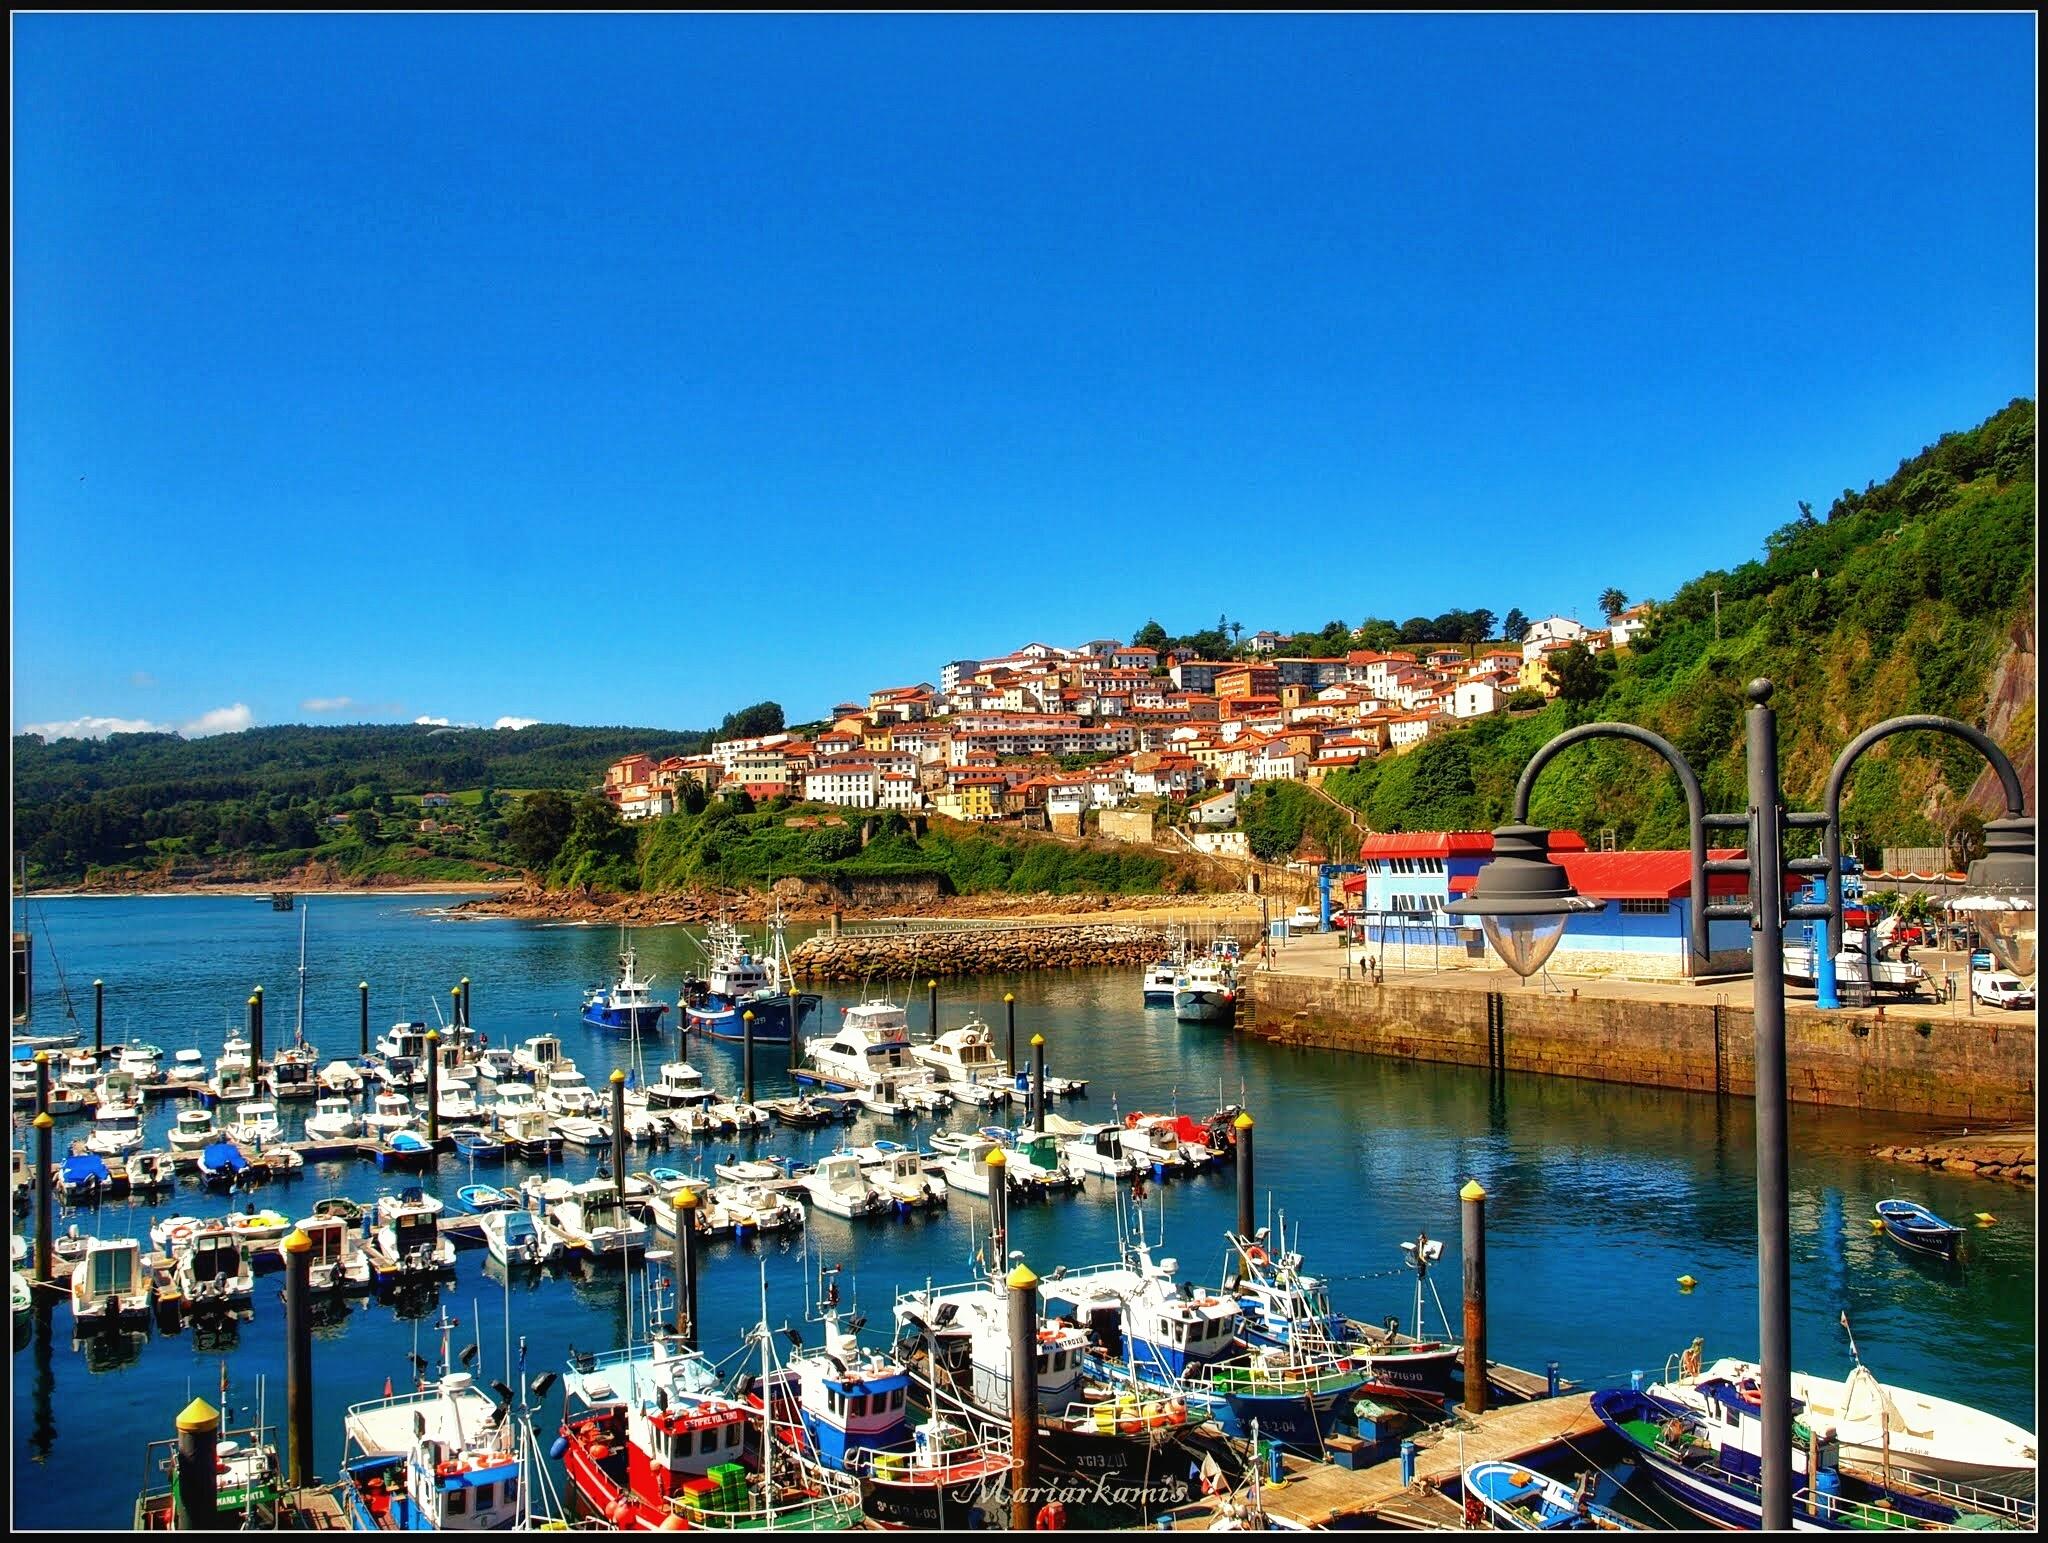 Lastres483-01 Ruta por Asturias: Lastres, Gulpiyuri, los bufones de Pria... Viajes